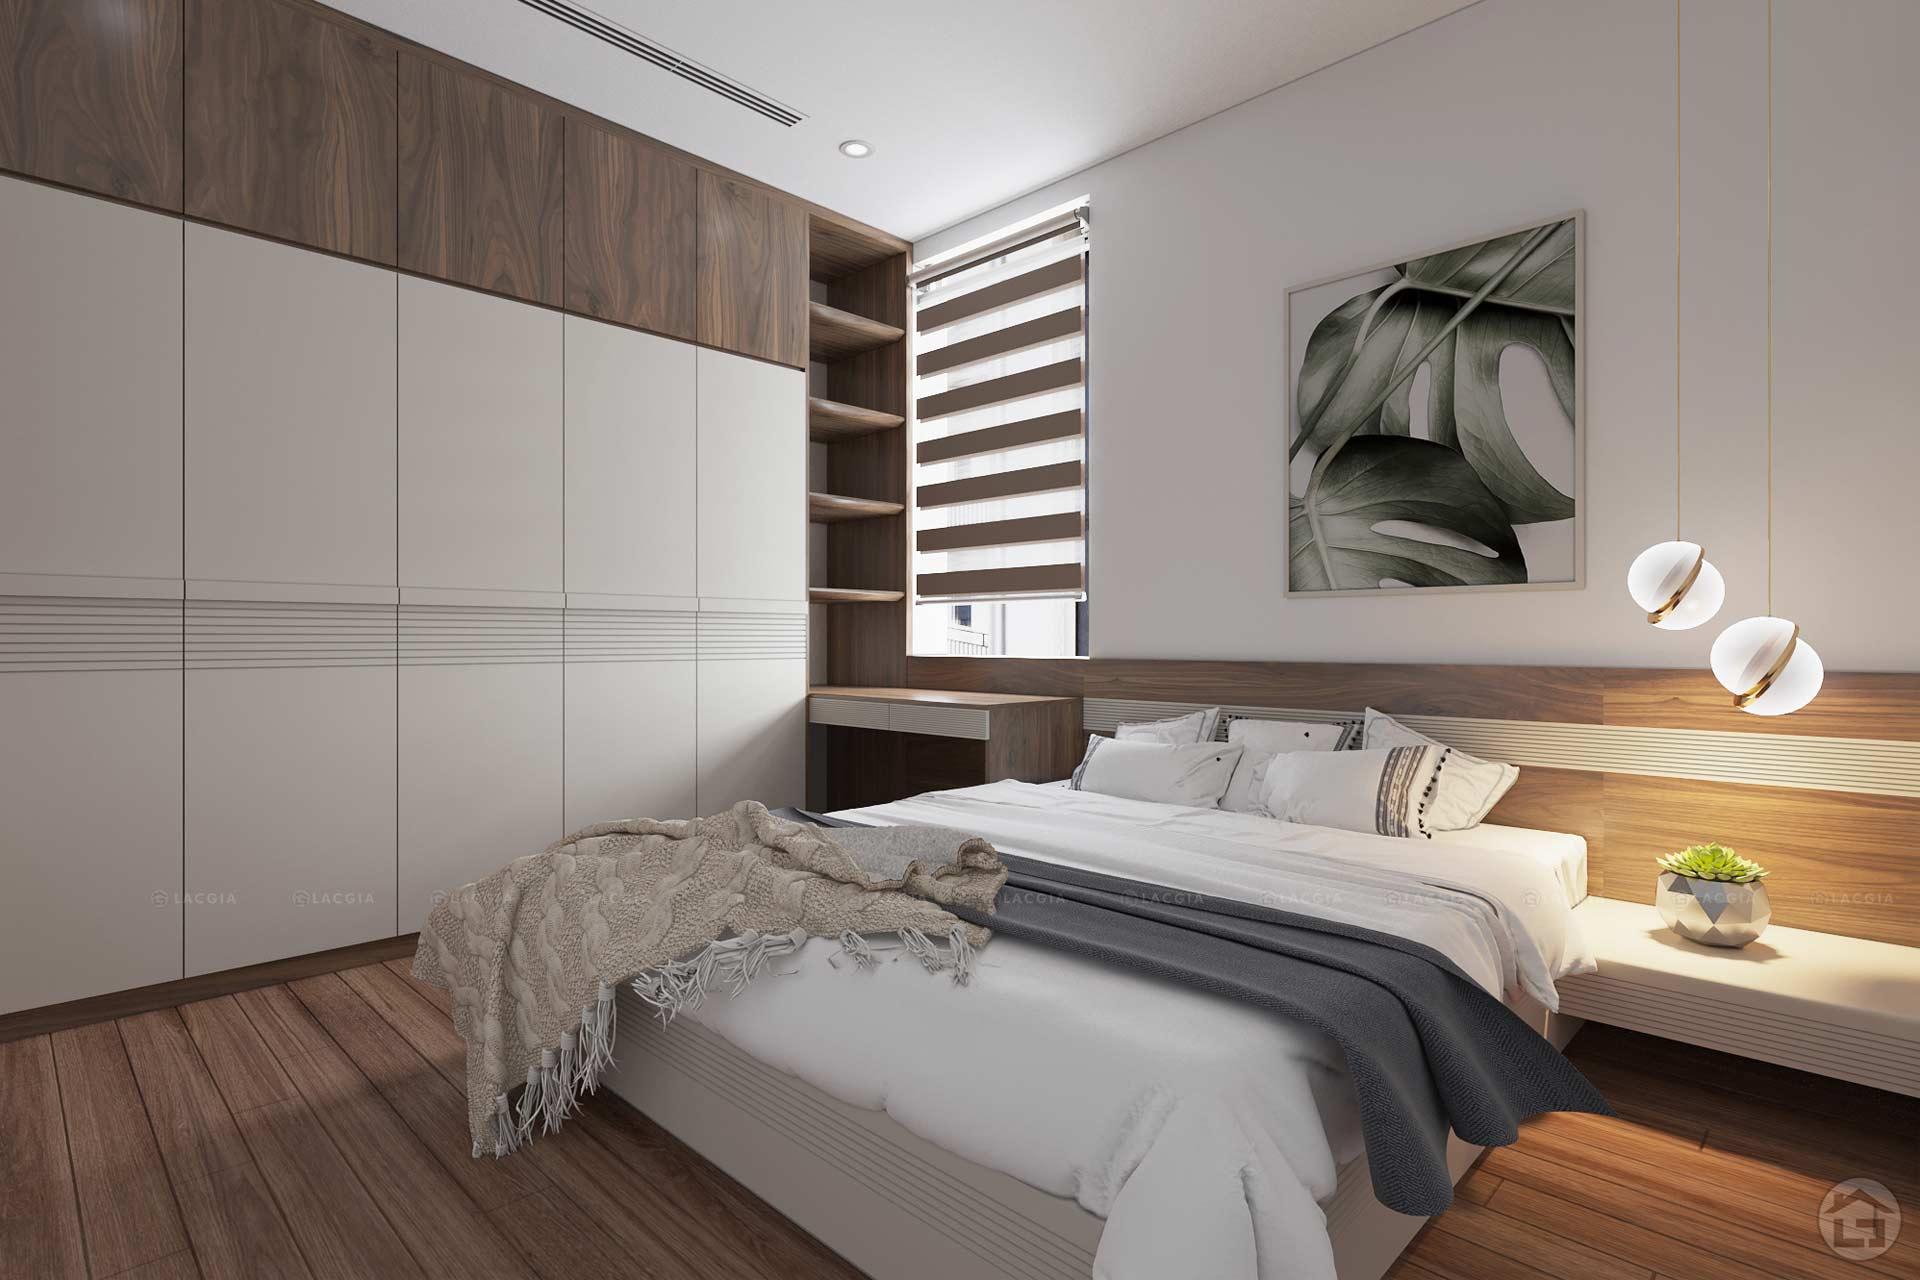 Hướng giường được xác định theo Bát Trạch phong thủy